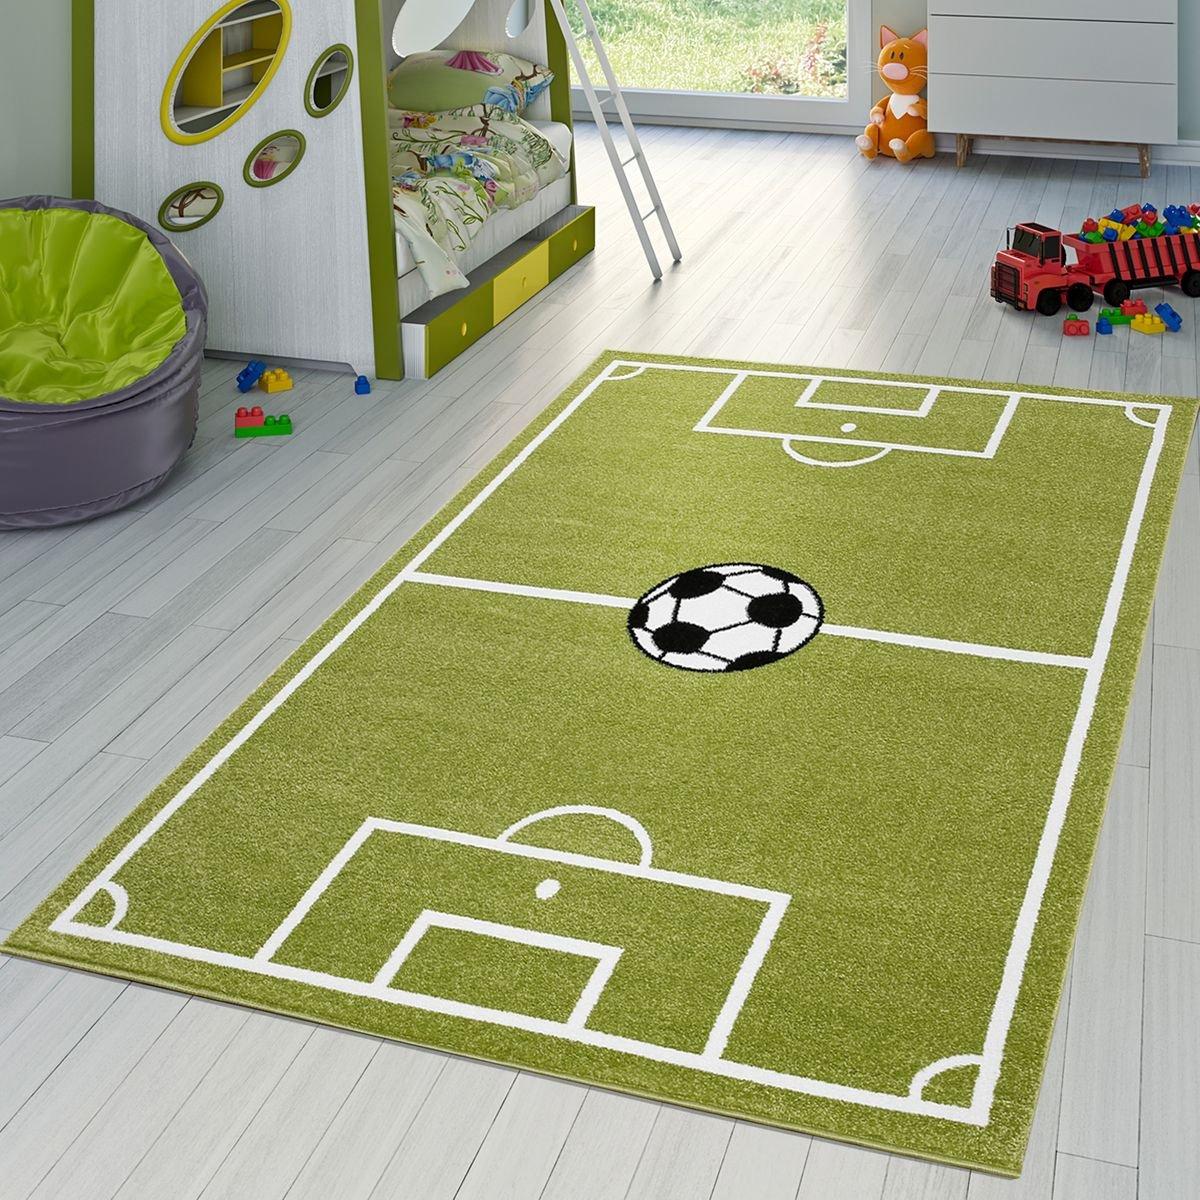 T&T Design Kinder Teppich Fußball Spielen Kinderzimmerteppiche Fußballplatz in Grün Creme, Größe 200x280 cm